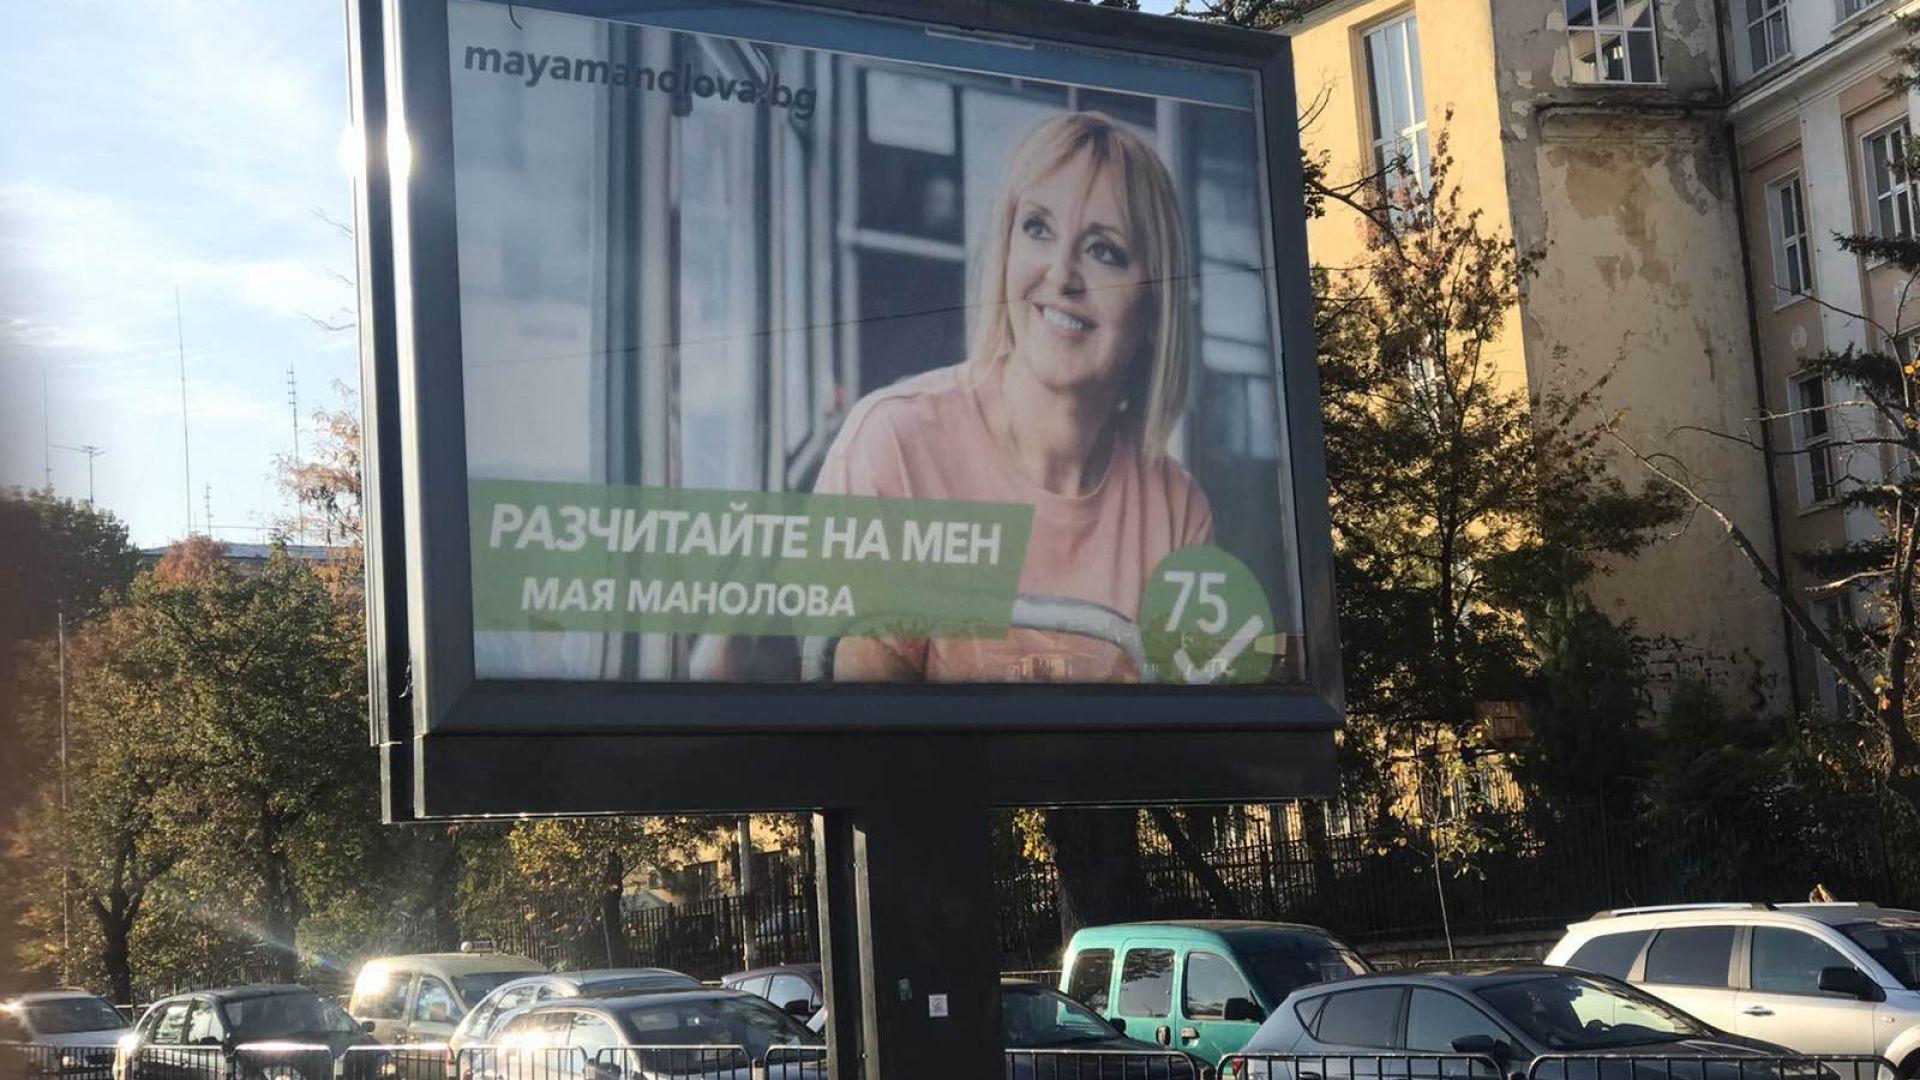 Сутрешният дебат между кандидатите за кмет на София Йорданка Фандъкова